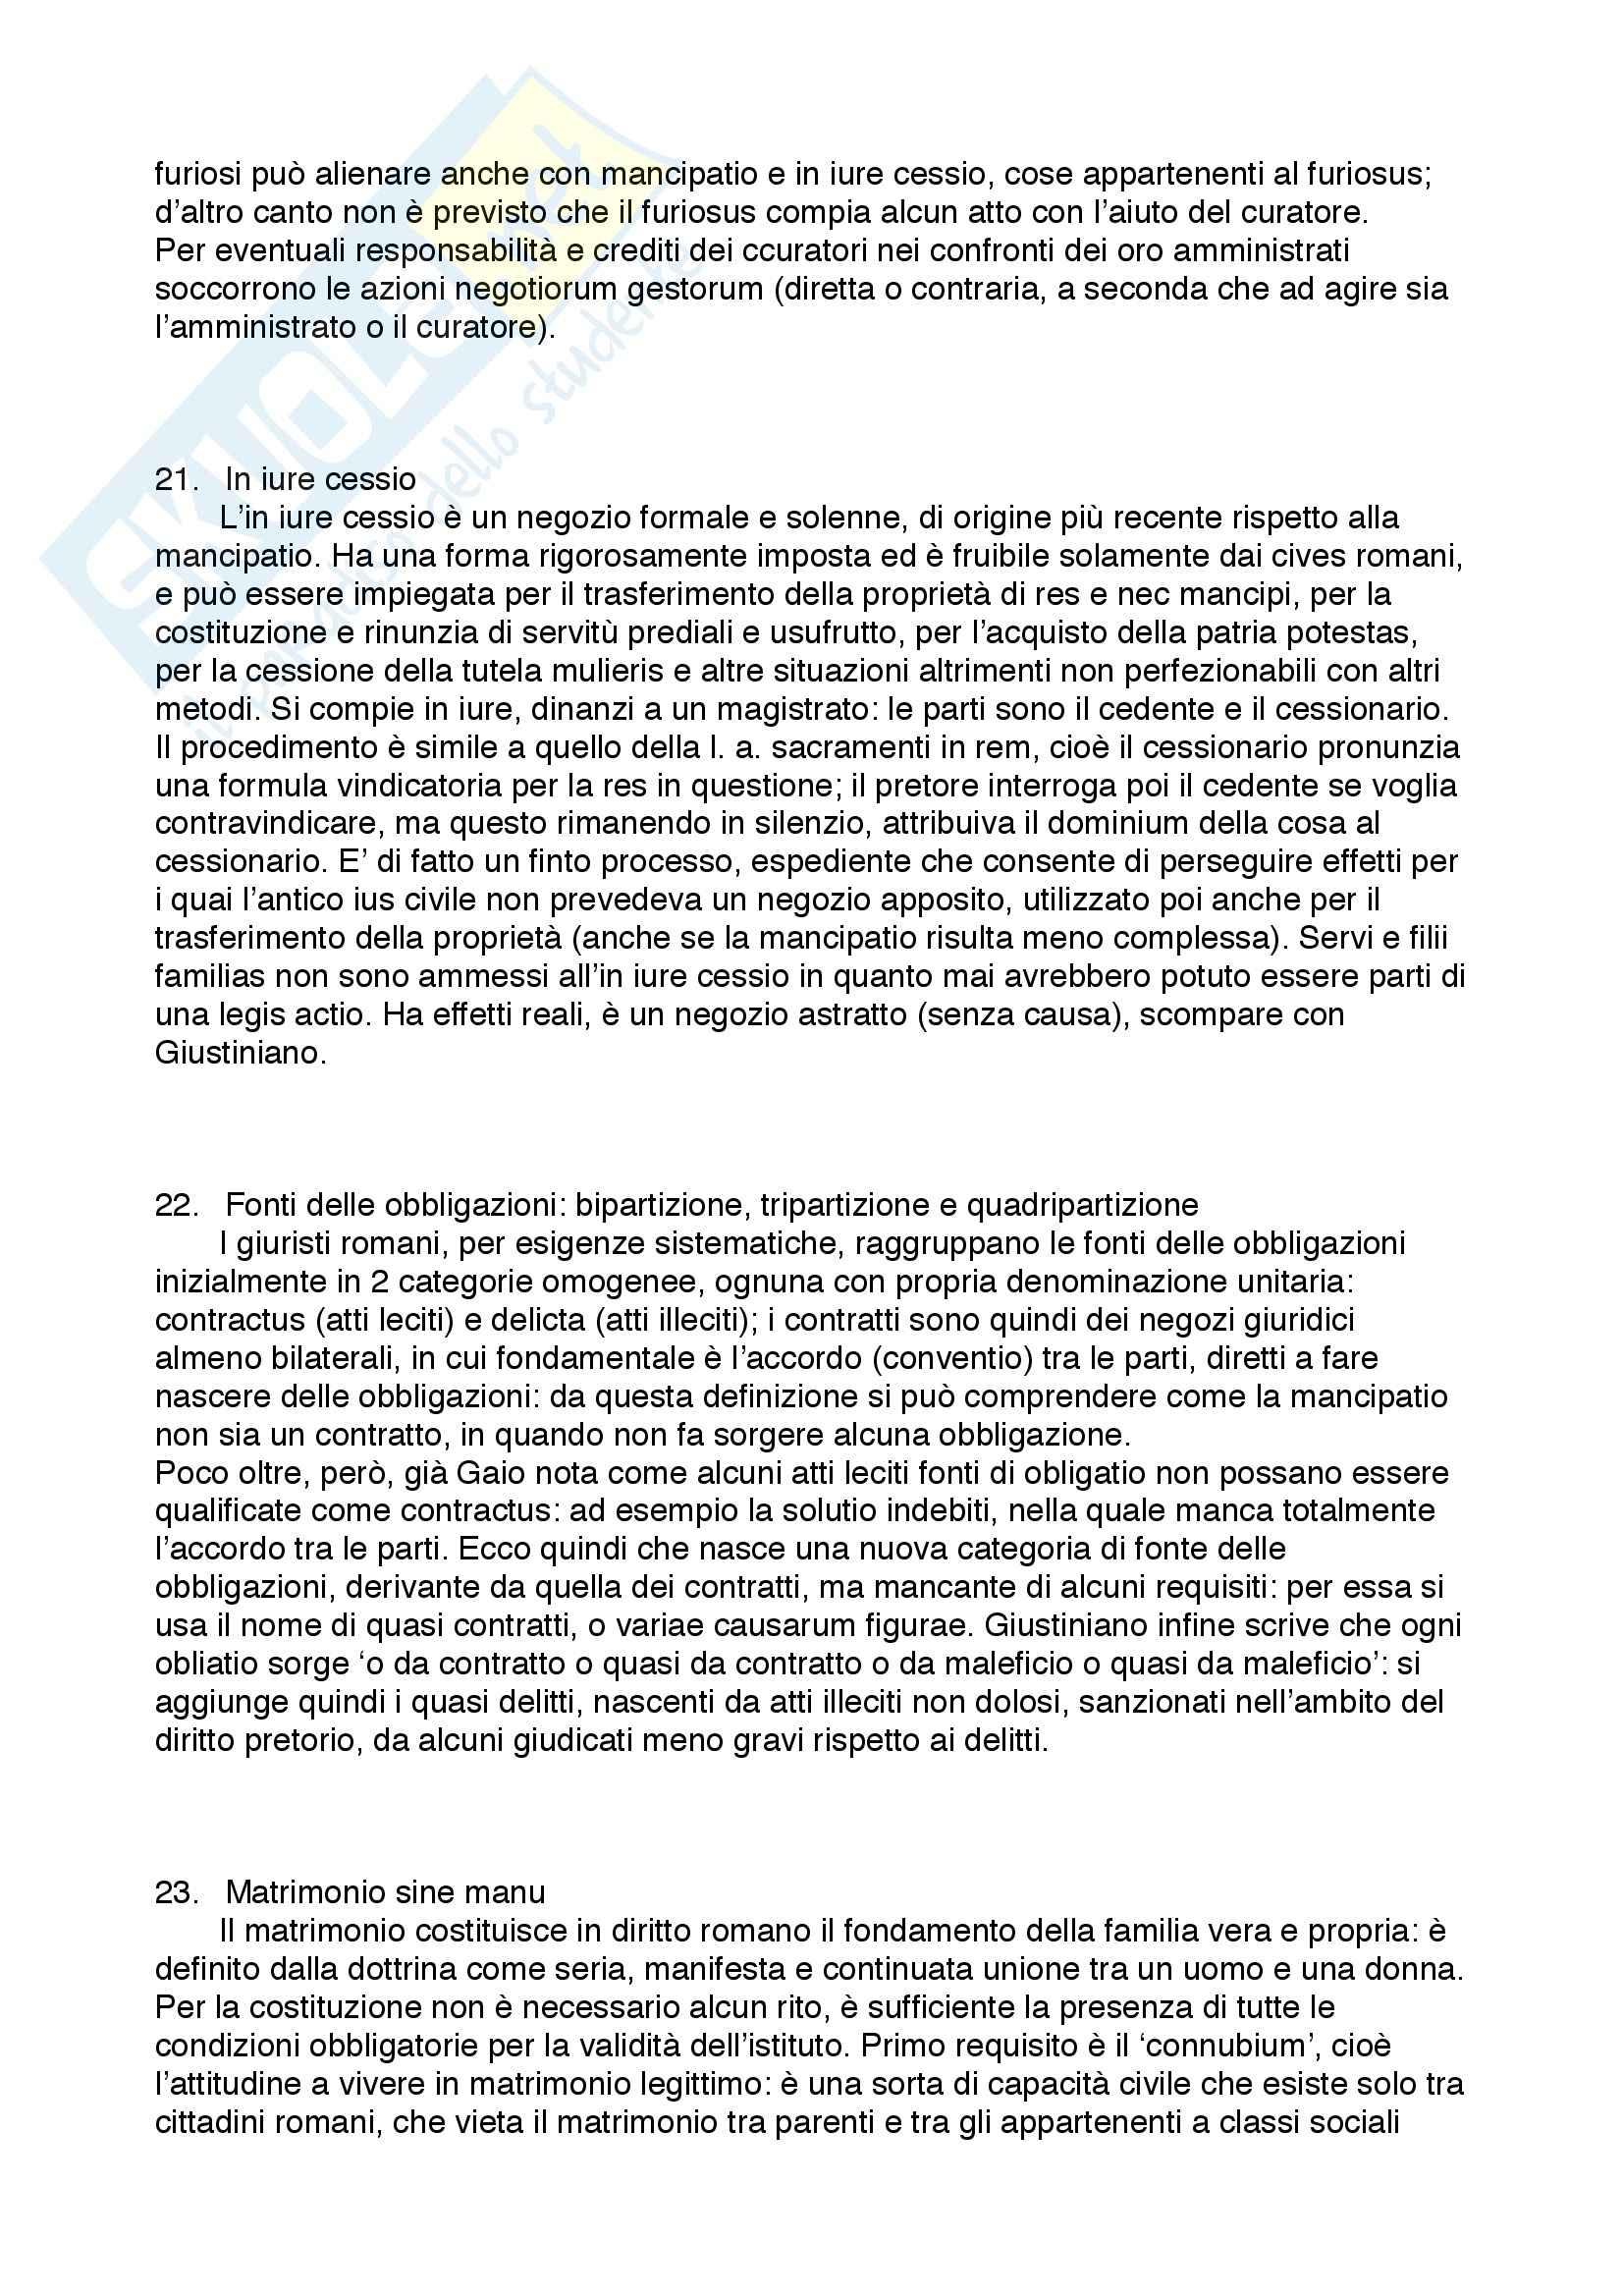 Diritto privato romano - 100 Domande e Risposte - Programma completo - Università di Torino Pag. 11